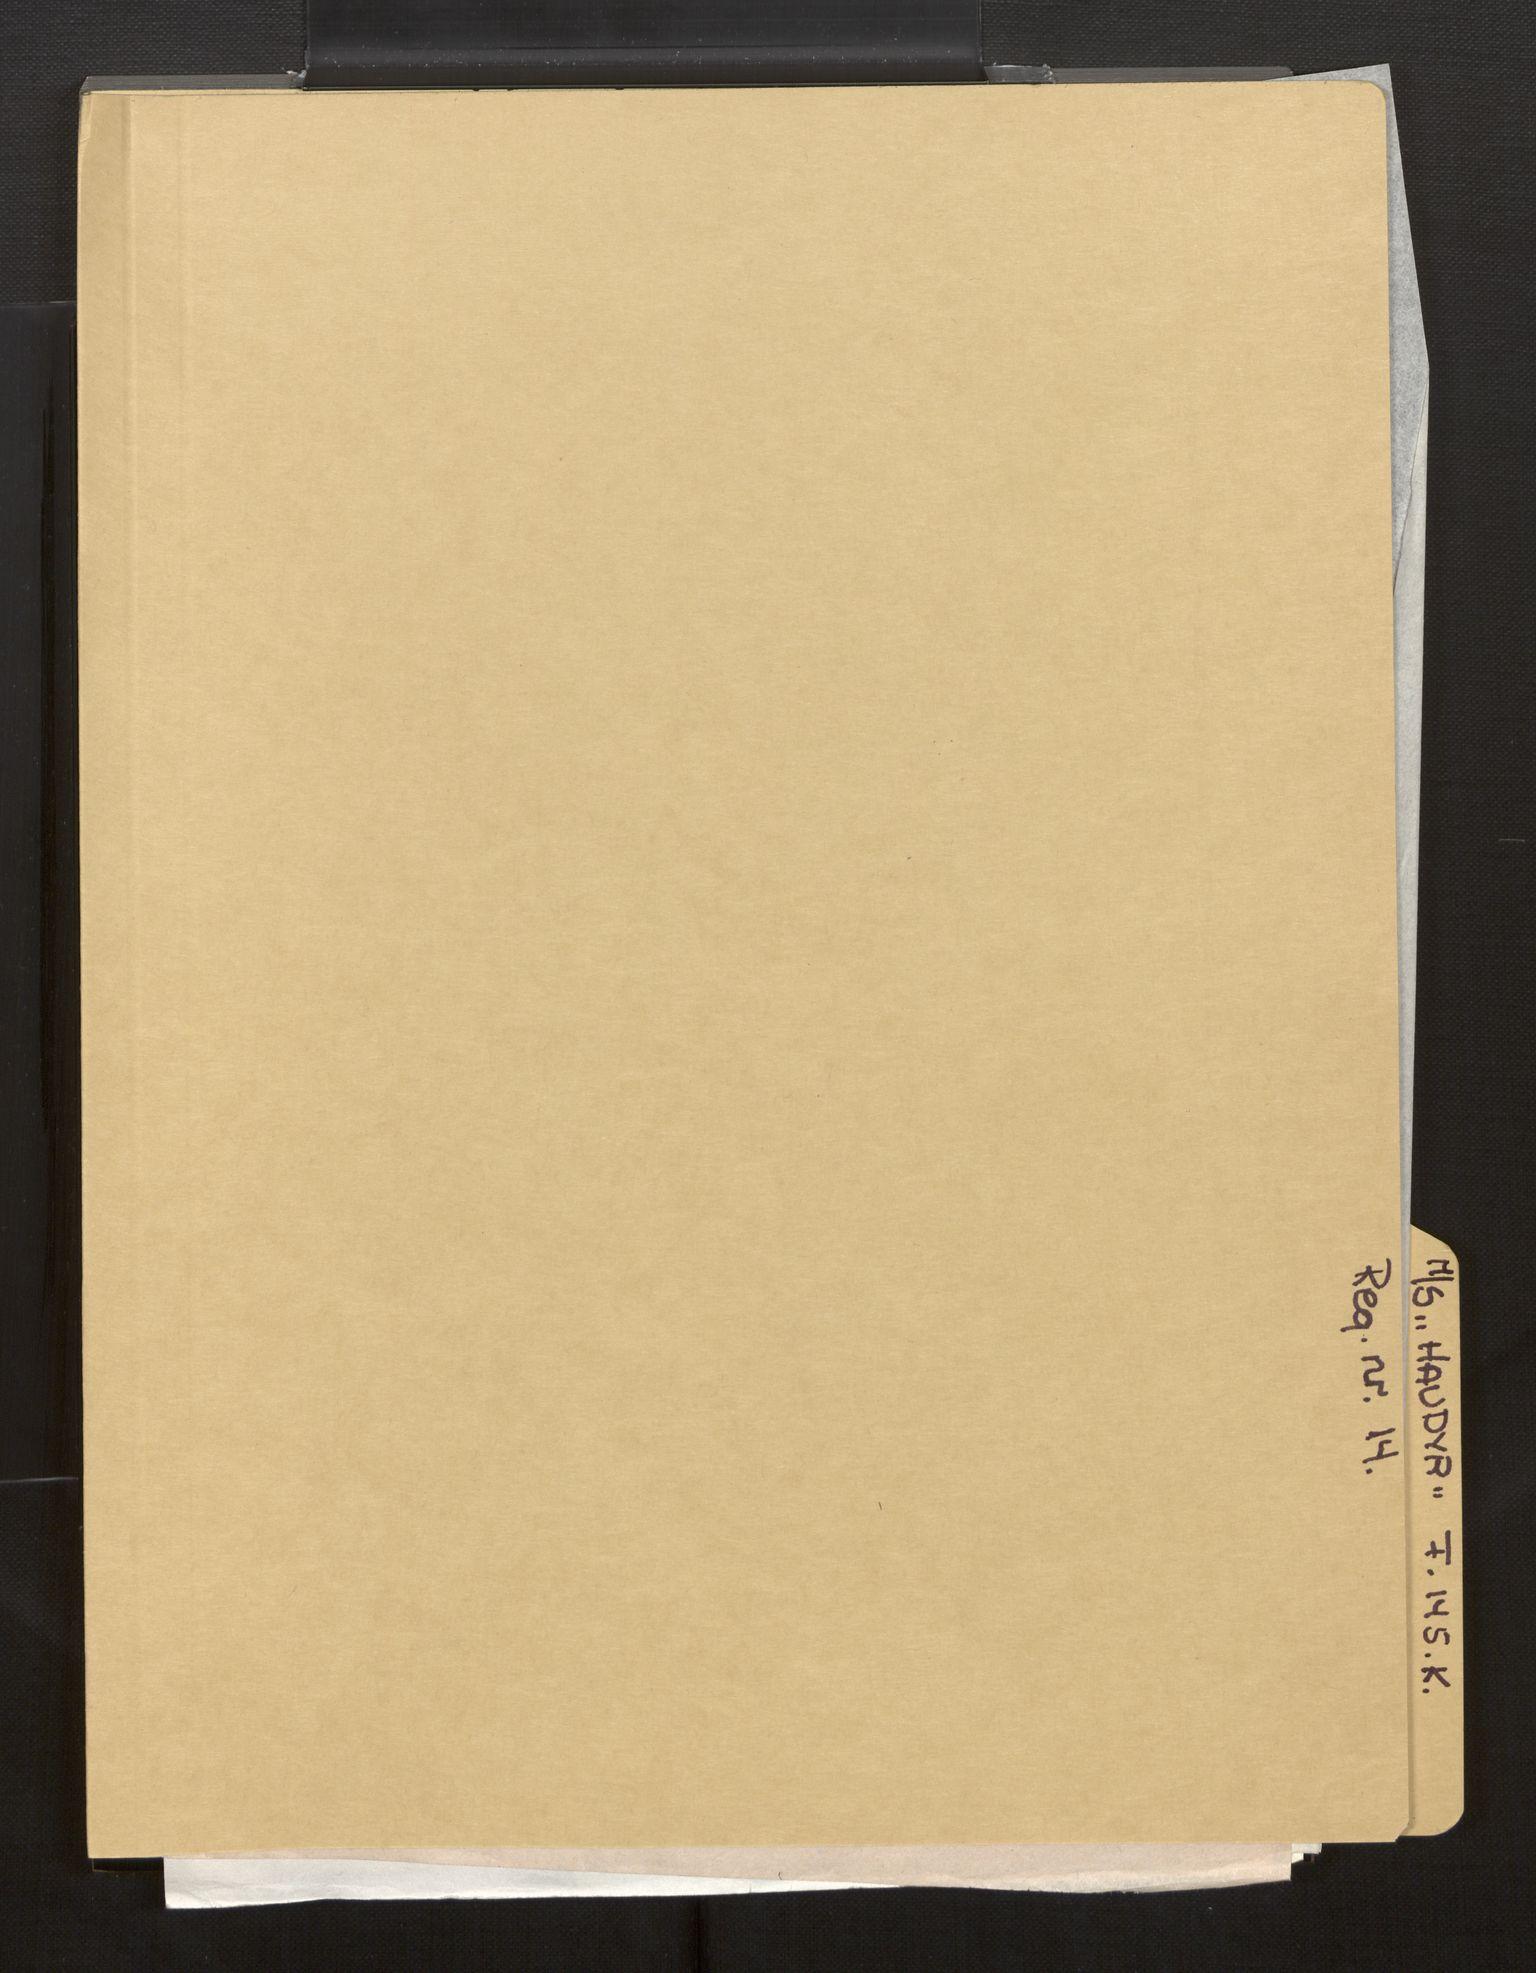 SAB, Fiskeridirektoratet - 1 Adm. ledelse - 13 Båtkontoret, La/L0042: Statens krigsforsikring for fiskeflåten, 1936-1971, s. 568